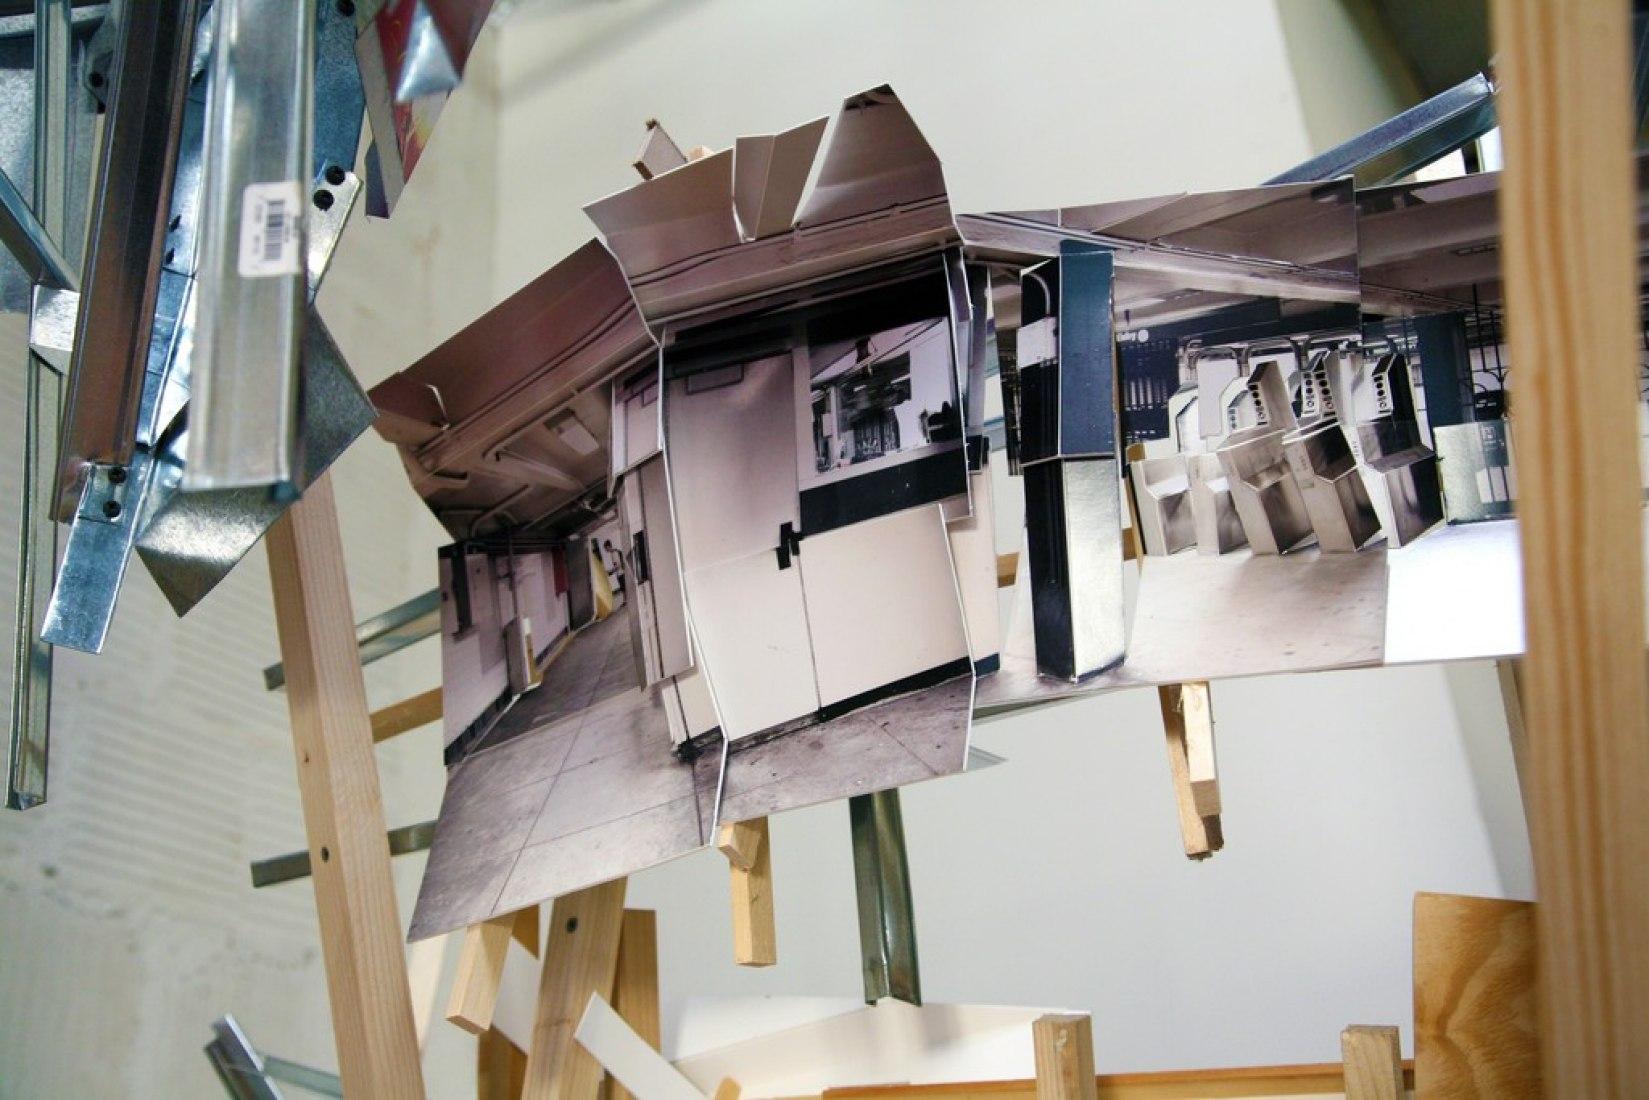 Por encima y por debajo de L-Train por Isidro Blasco. Fotografía © Isidro Blasco. Black & White Gallery / Project Space.